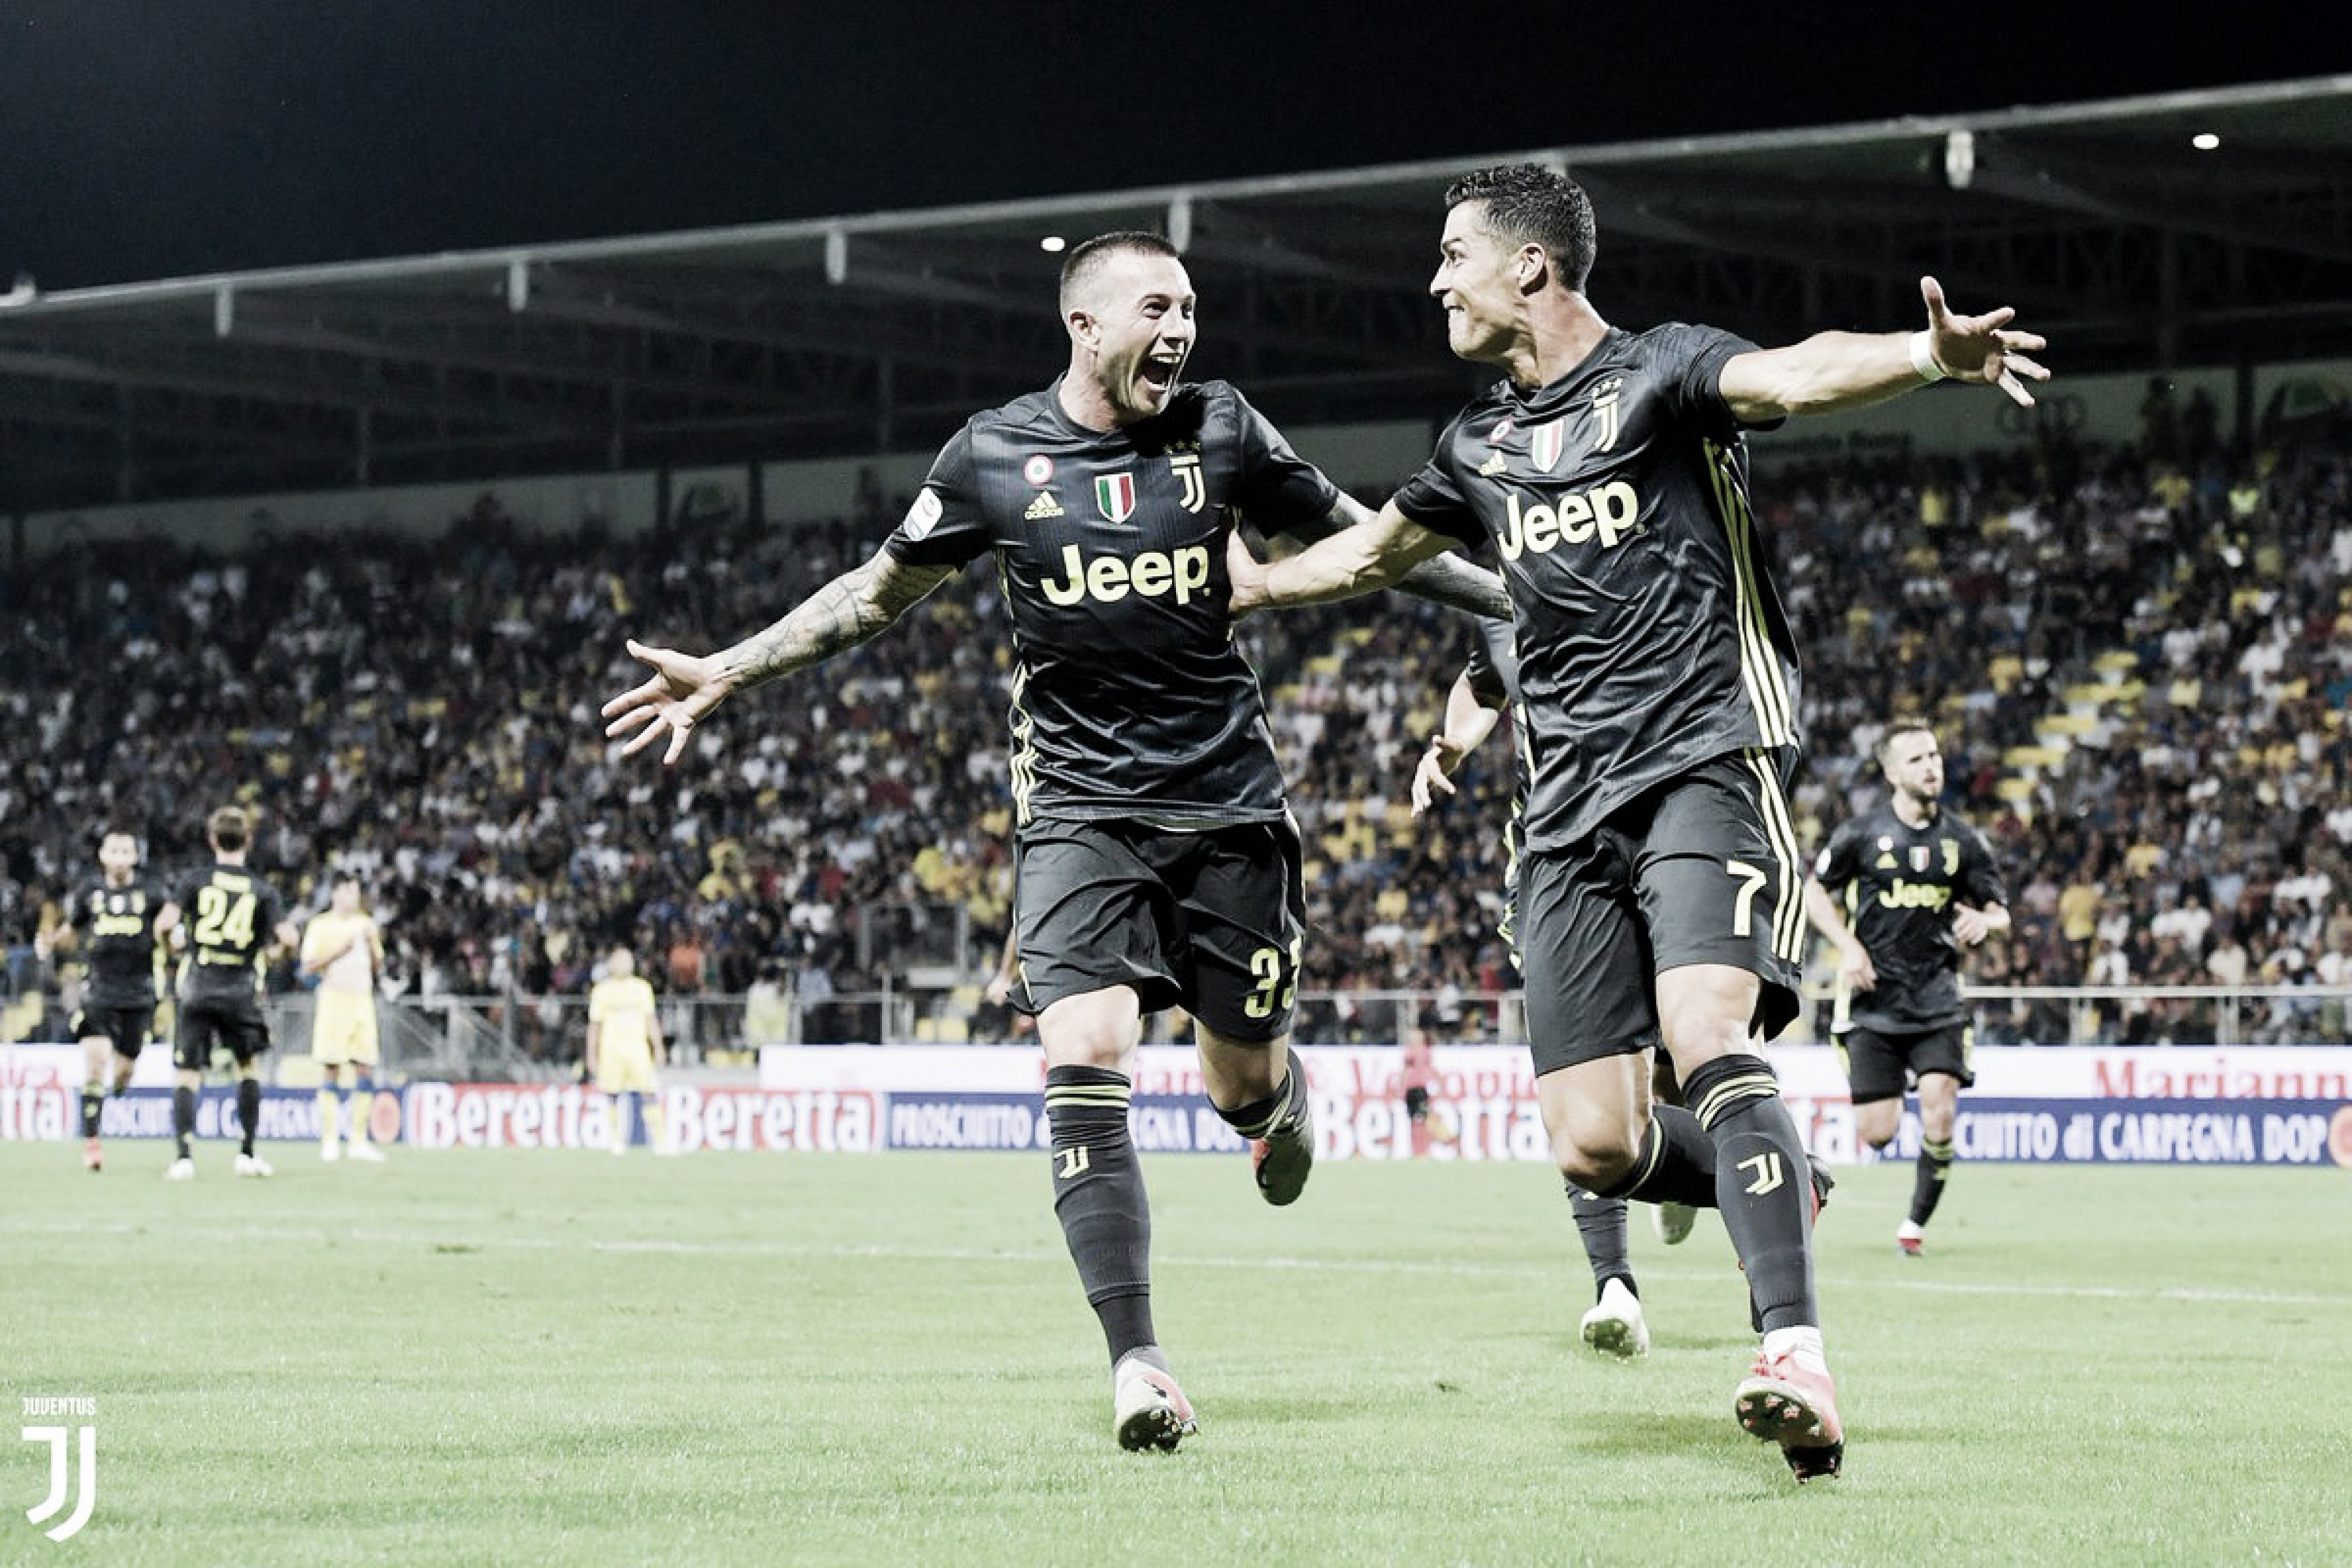 Juventus marca duas vezes no fim, vence Frosinone e se mantém na liderança da Serie A